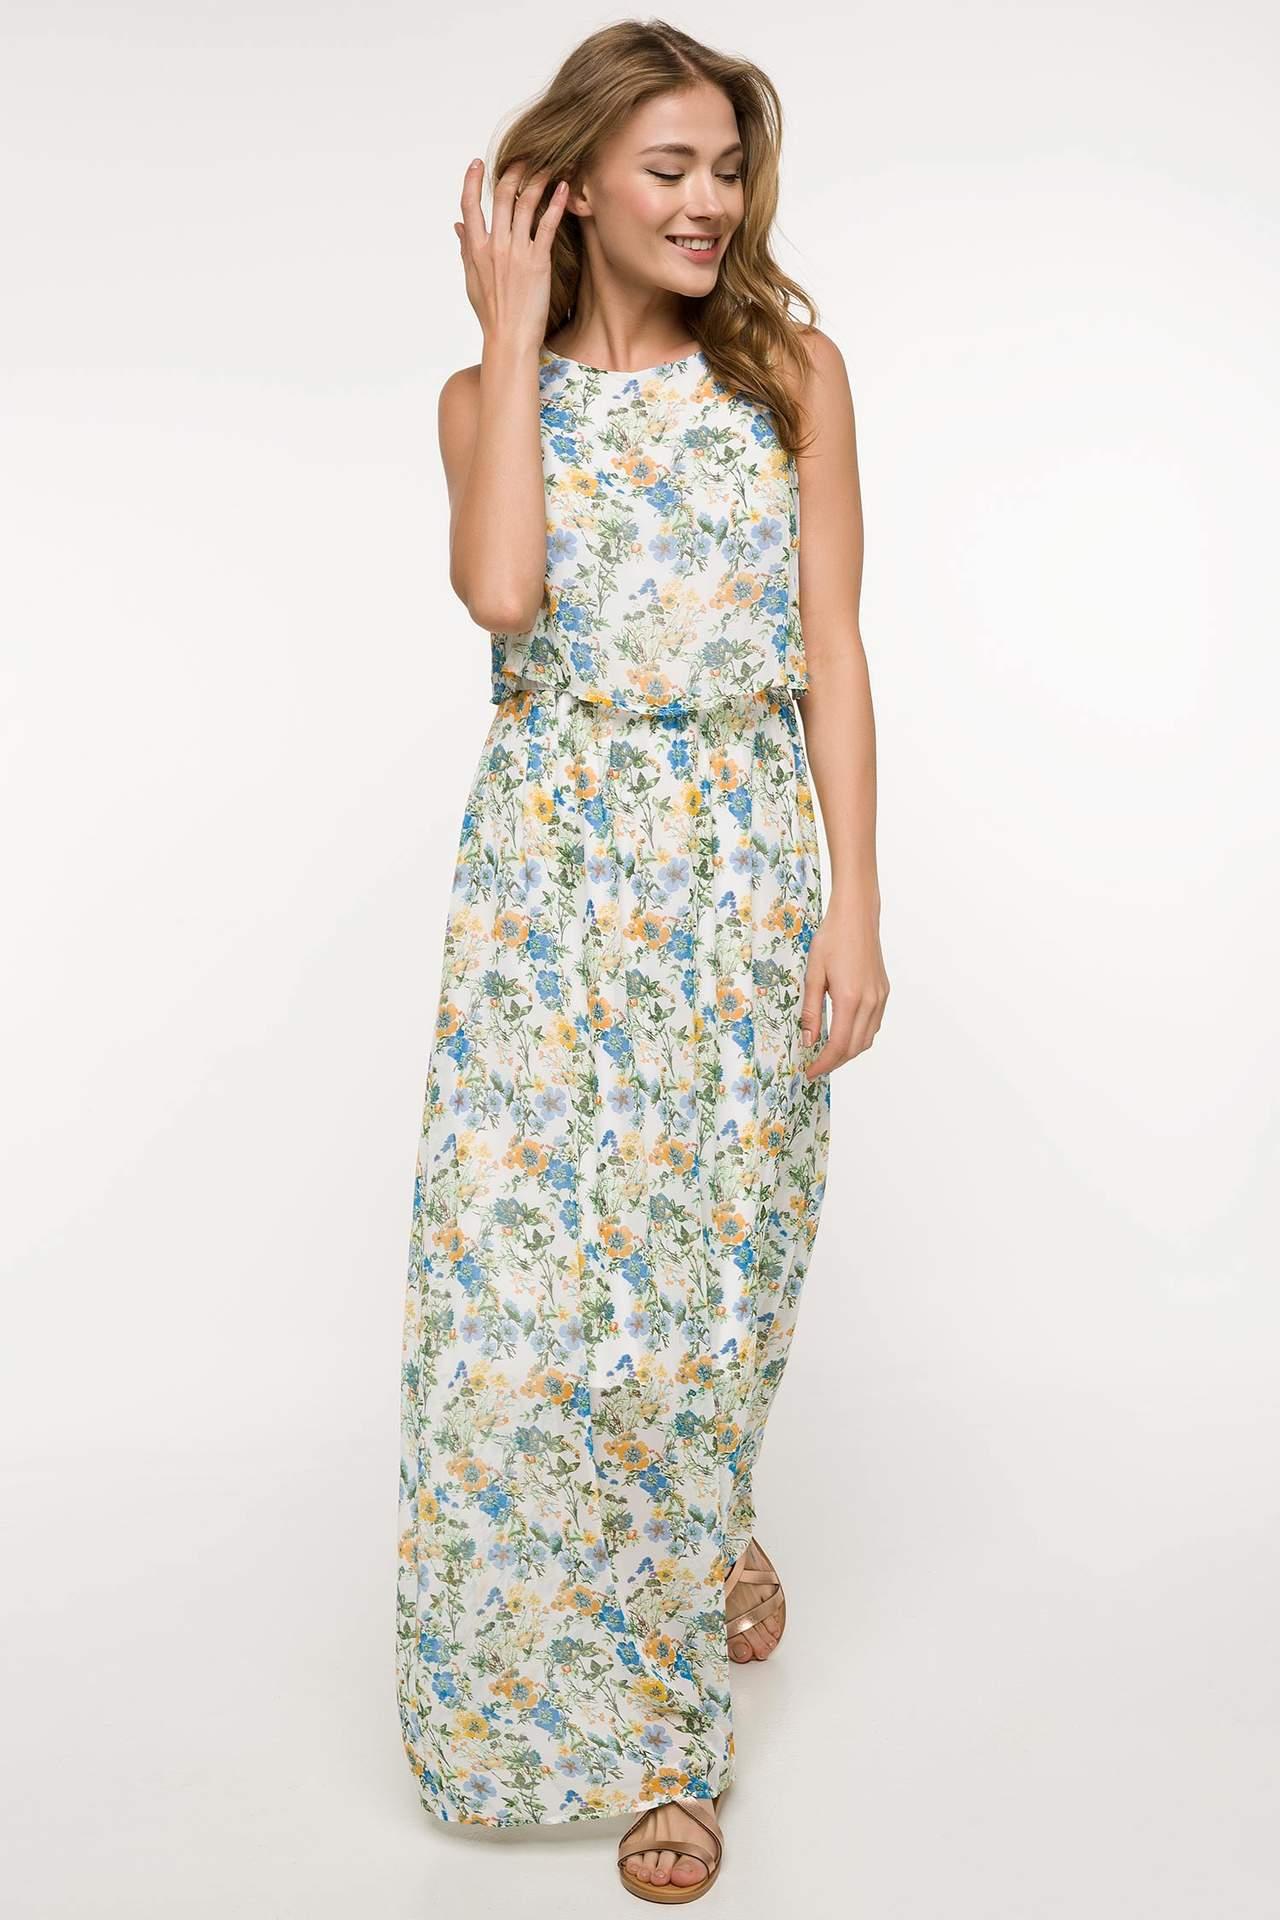 خرید اینترنتی لباس | فروشگاه اینترنتی لباس